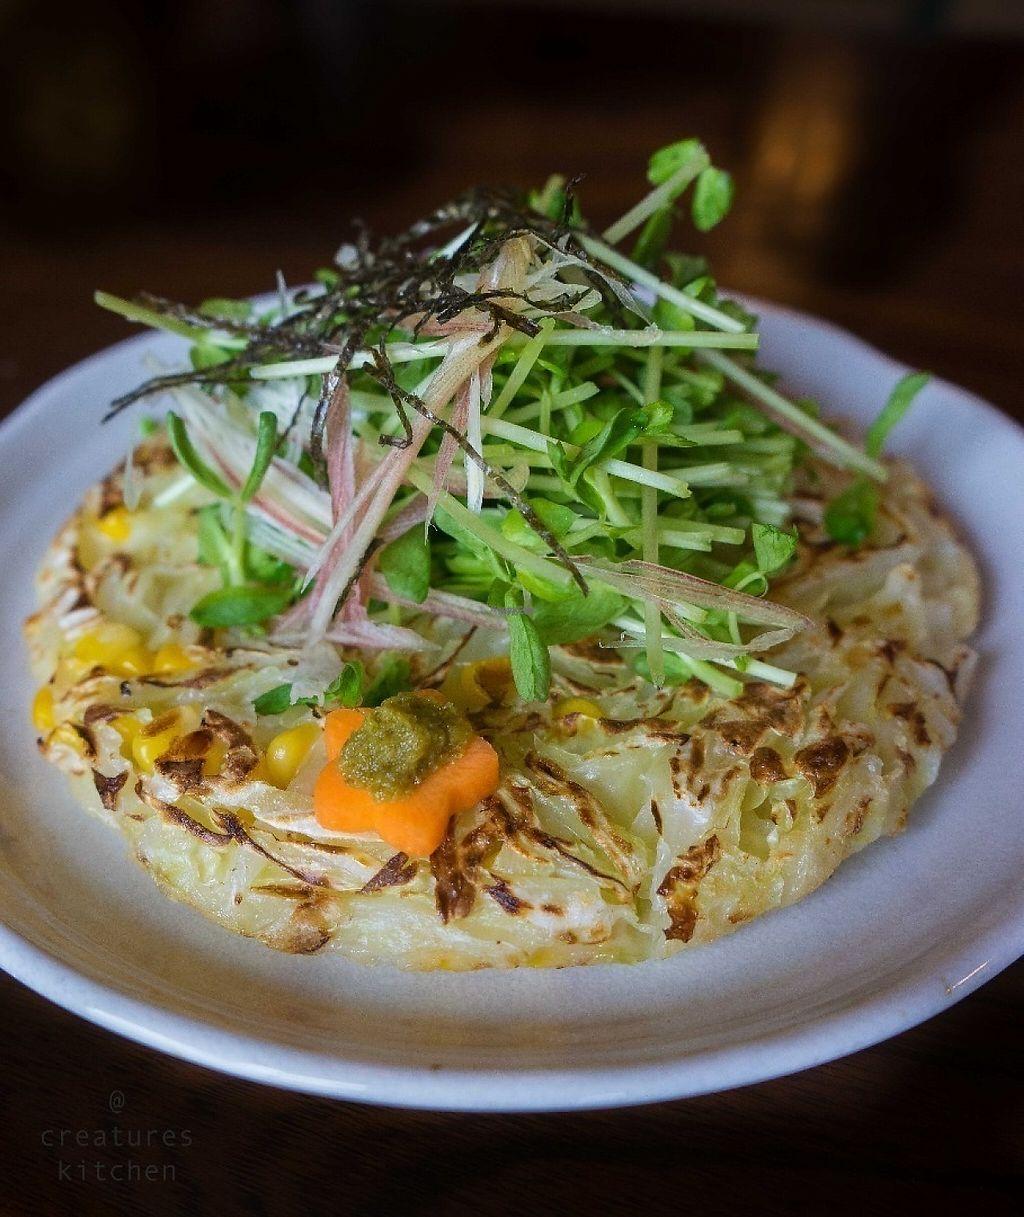 """Photo of Miyabichaya  by <a href=""""/members/profile/EmmaCebuliak"""">EmmaCebuliak</a> <br/>Vegan okonomiyaki <br/> January 20, 2017  - <a href='/contact/abuse/image/84945/213558'>Report</a>"""